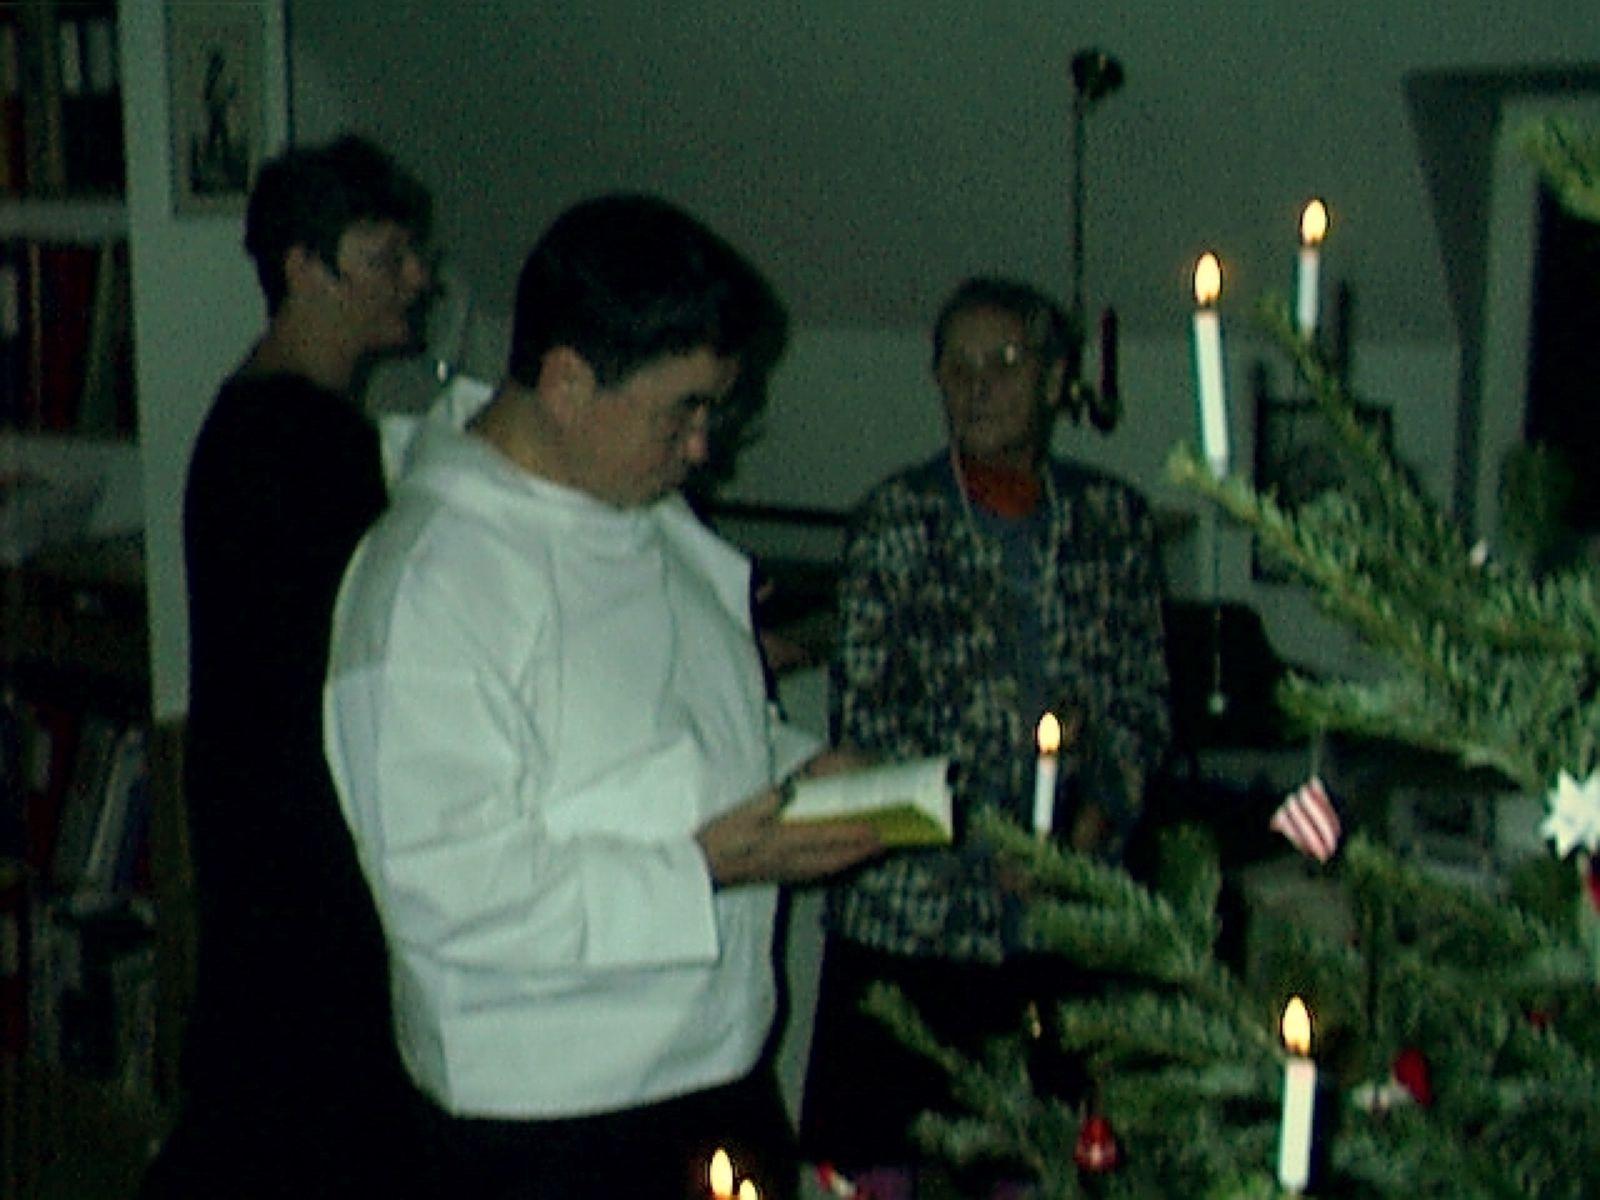 1997-12-24-2057_-_Gode_1; Jørgen Laban